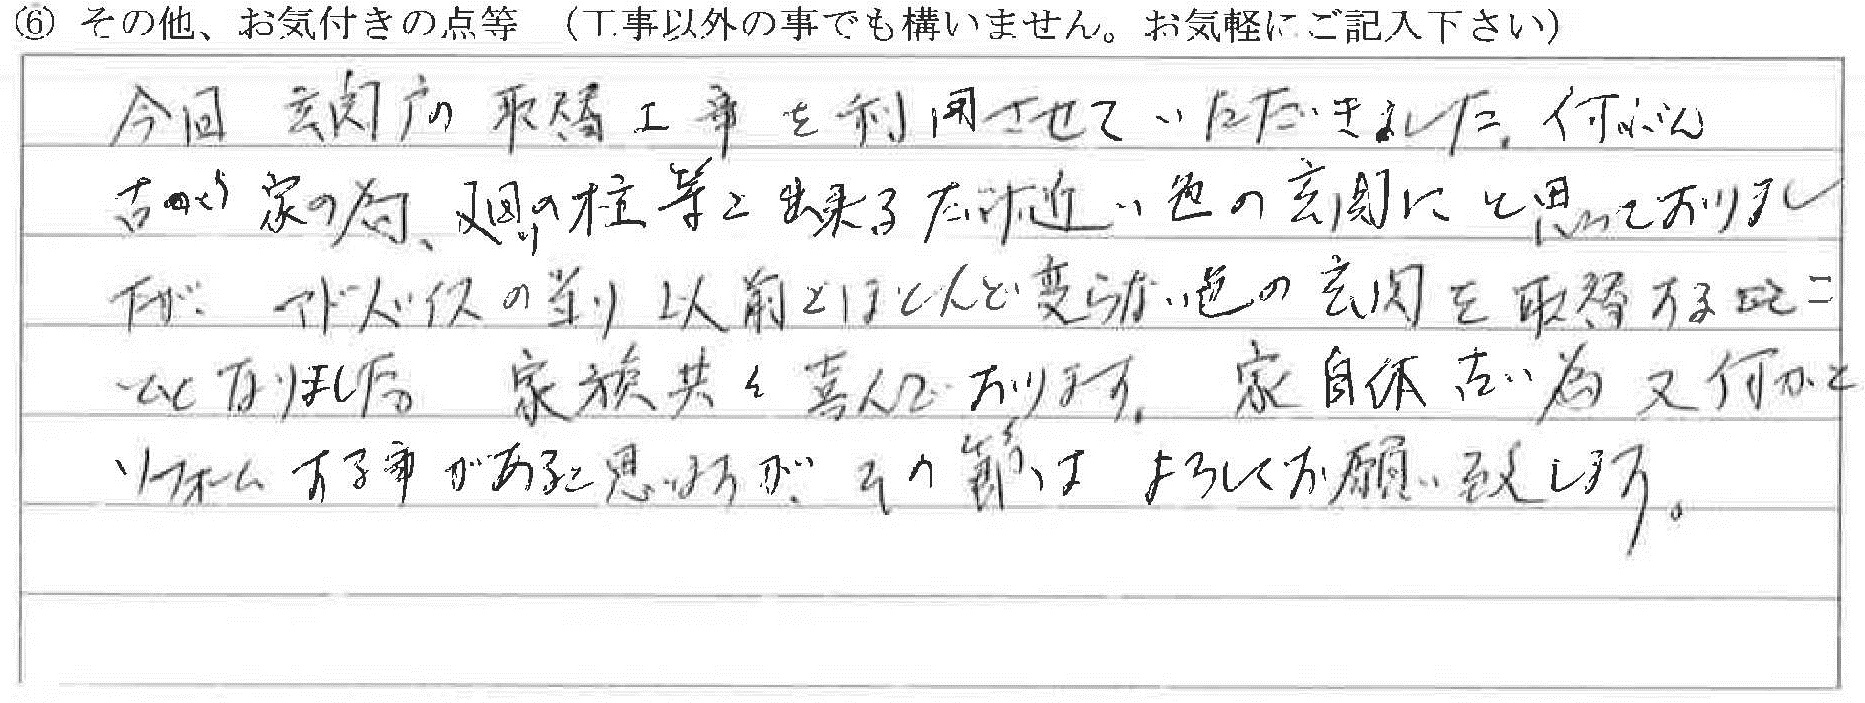 石川県金沢市K様に頂いた玄関引き戸取替工事についてのお気づきの点がありましたら、お聞かせ下さい。というご質問について「玄関引き戸取替【お喜びの声】」というお声についての画像